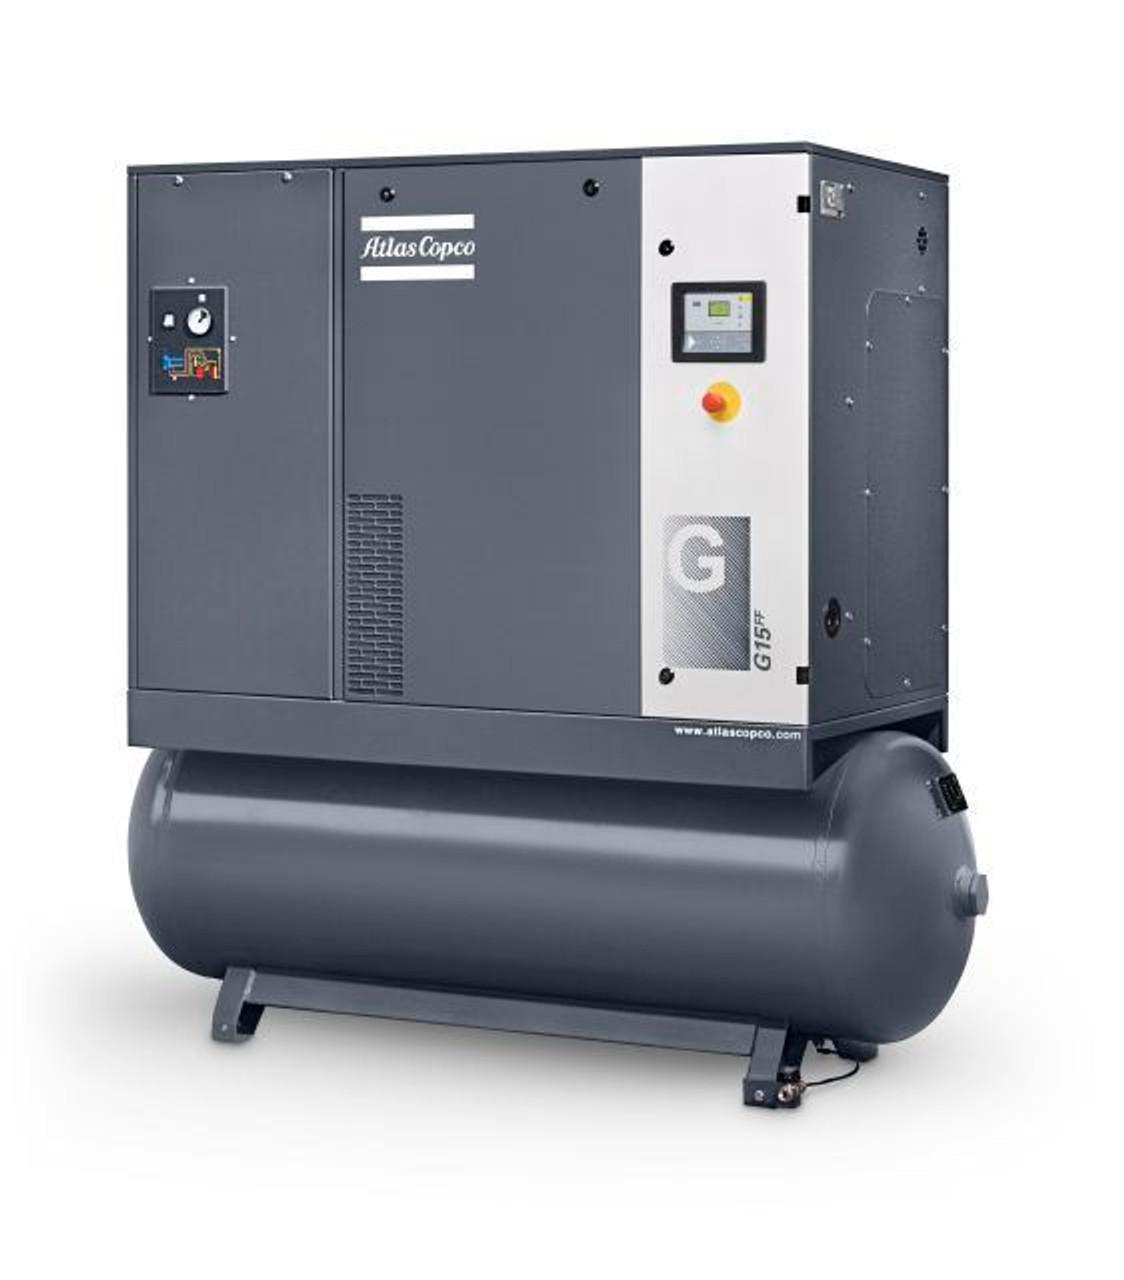 Atlas copco screw air compressor with tank